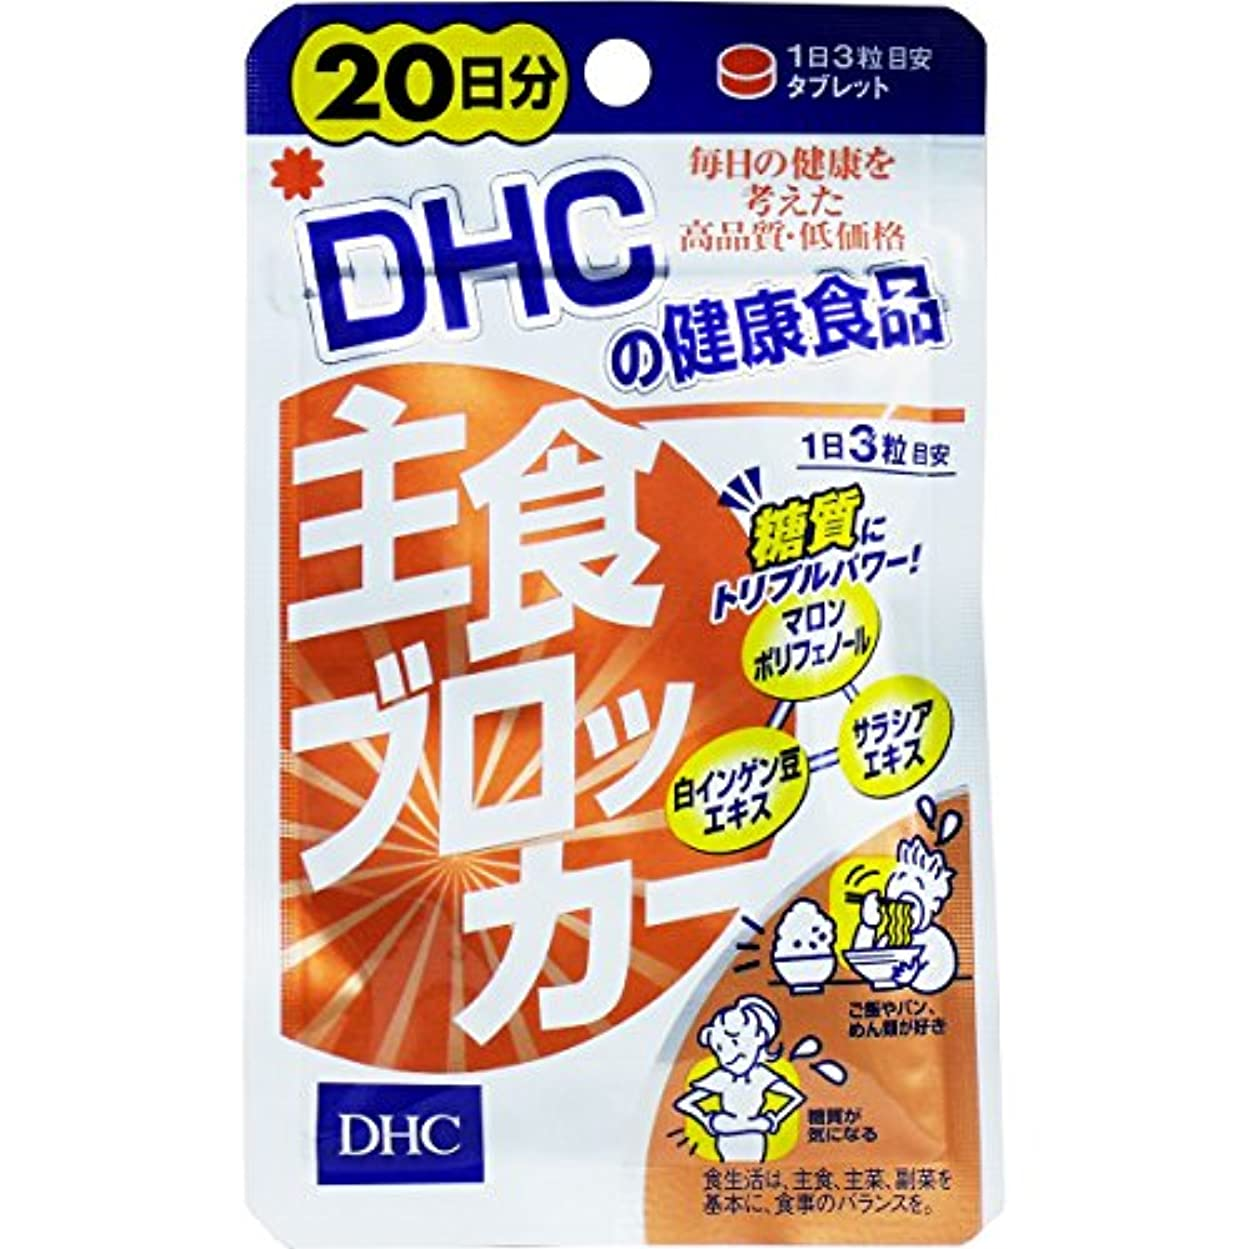 征服注釈を付ける陰謀ダイエット トリプルパワーでため込み対策 栄養機能食品 DHC 主食ブロッカー 20日分 60粒入【3個セット】